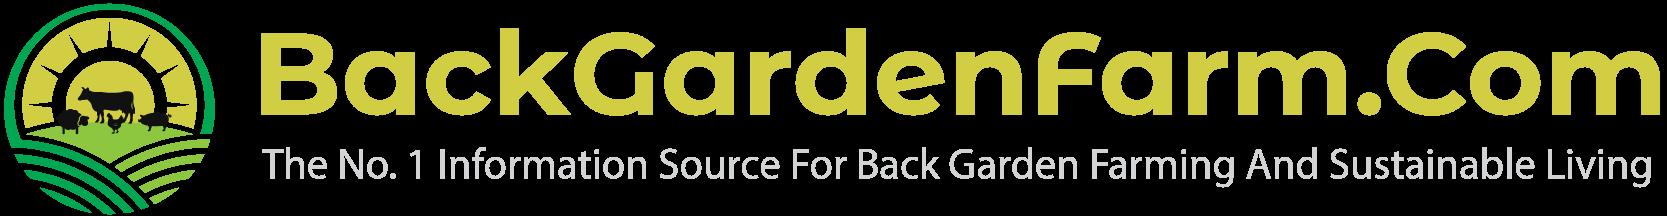 BackGardenFarm.com